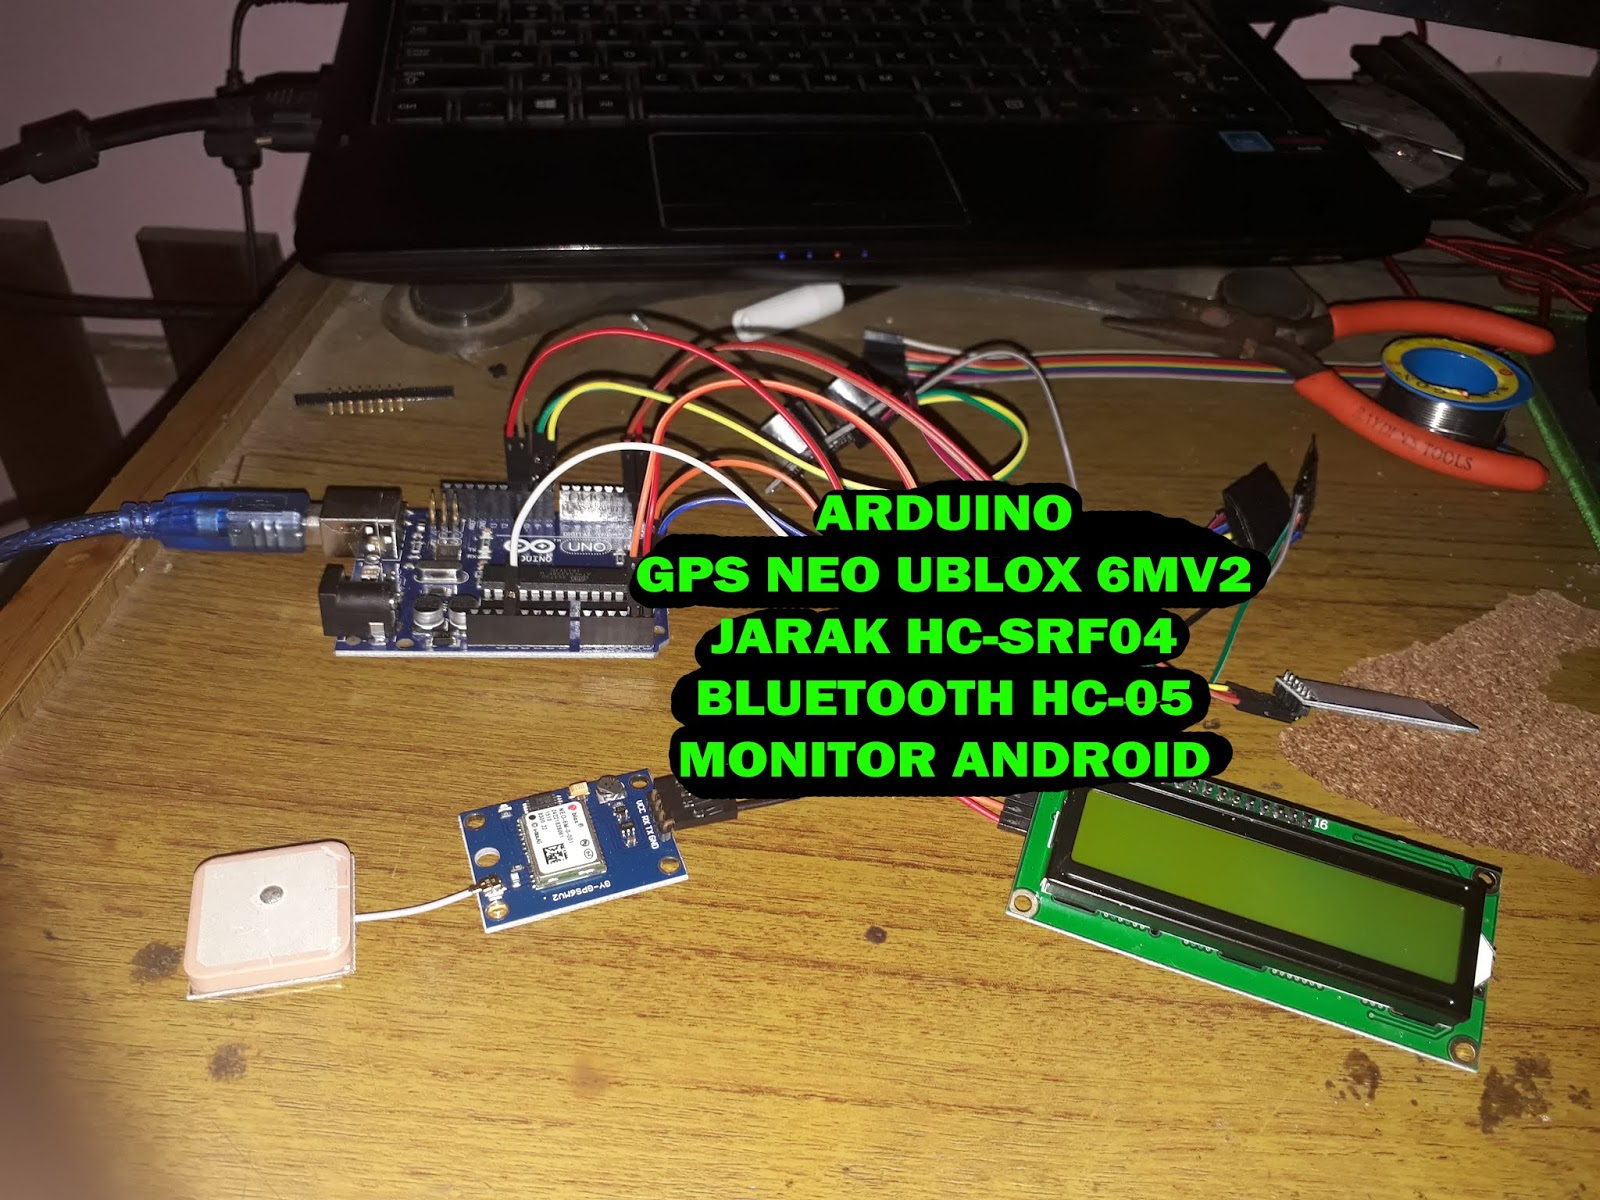 Ublox Gps Arduino